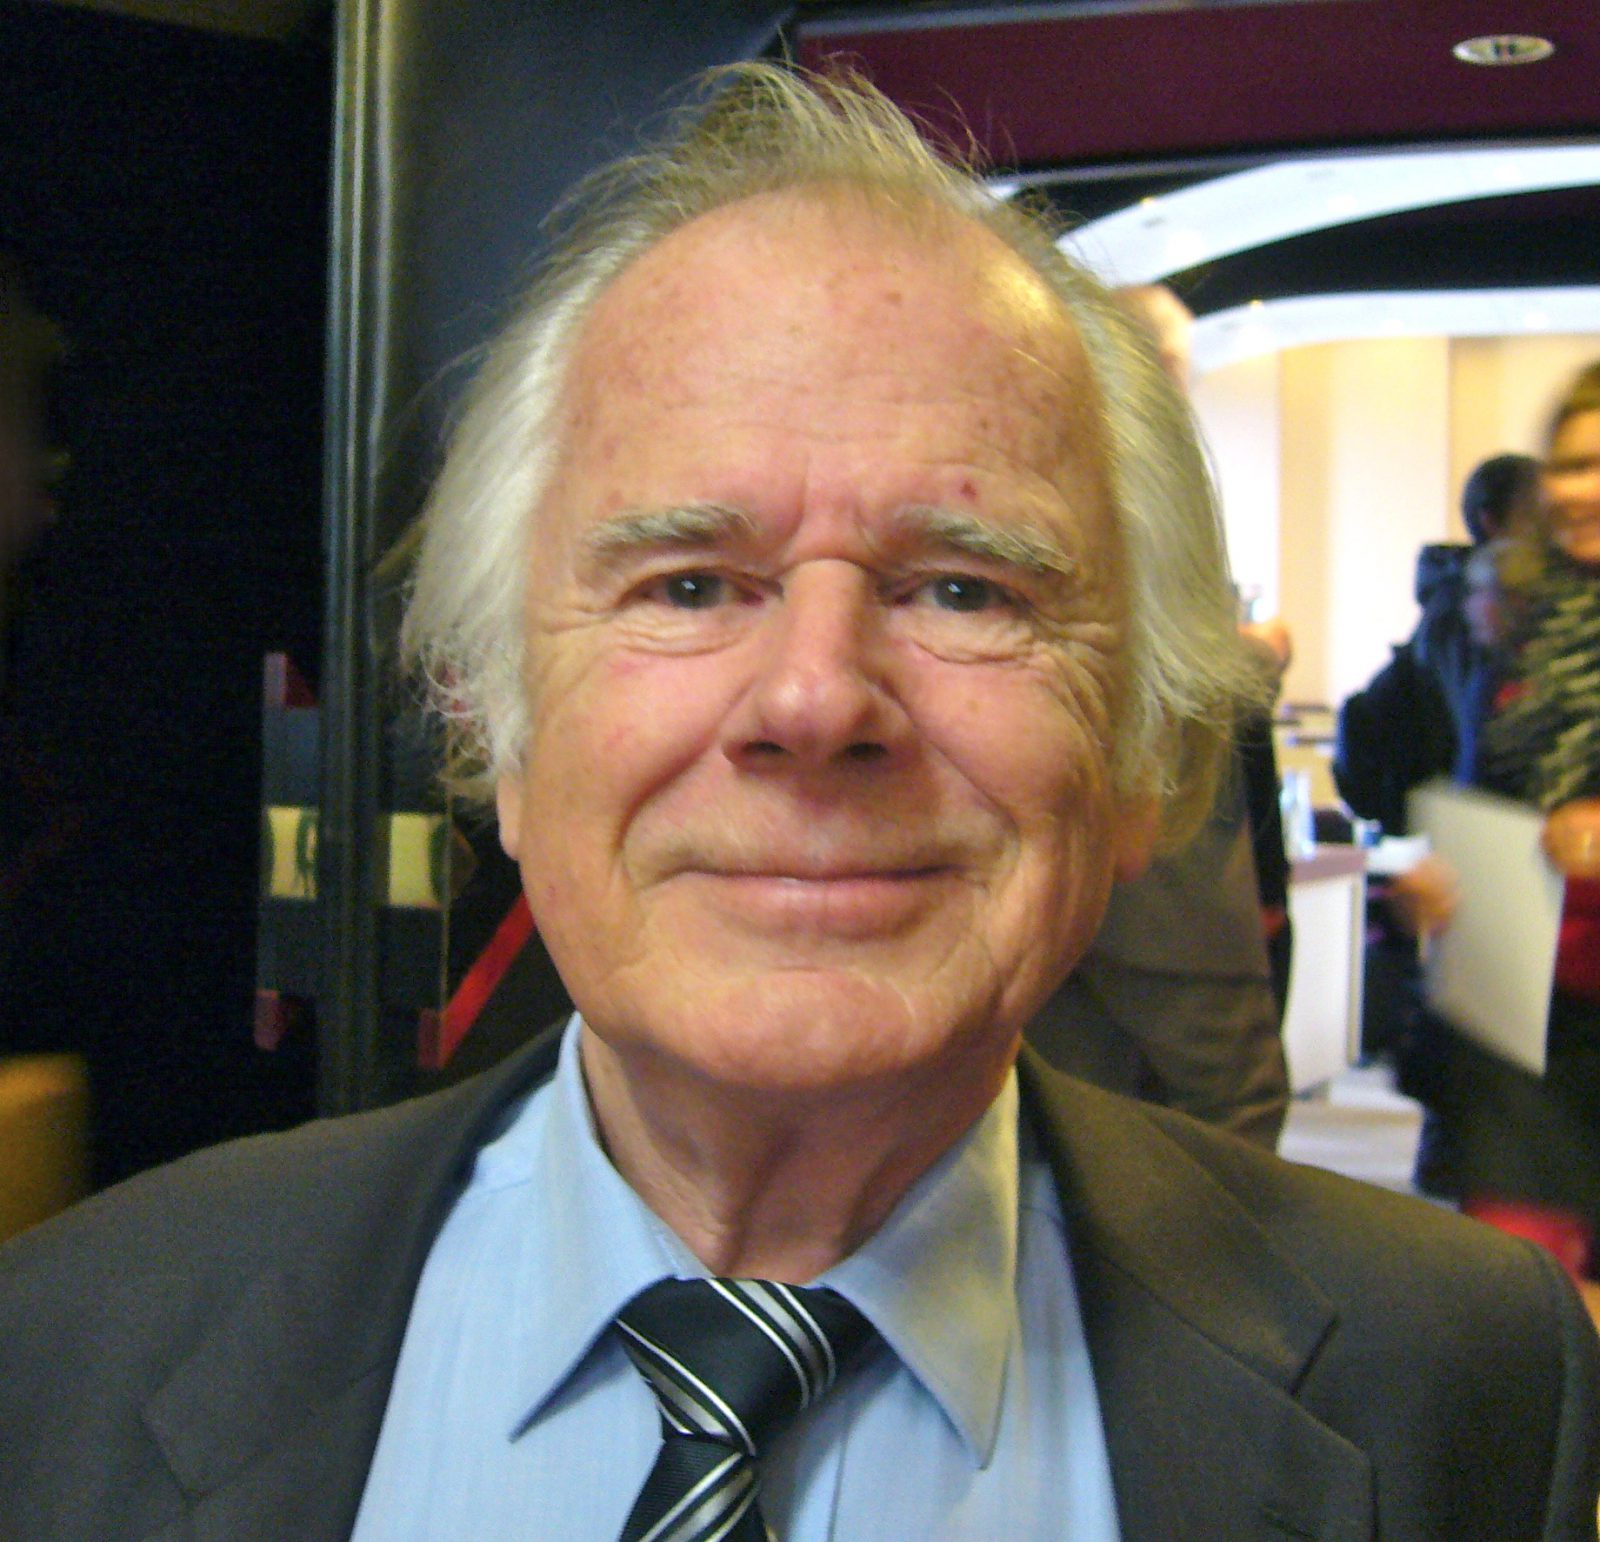 Jean-François Robert, président du Conseil économique, social et environnemental